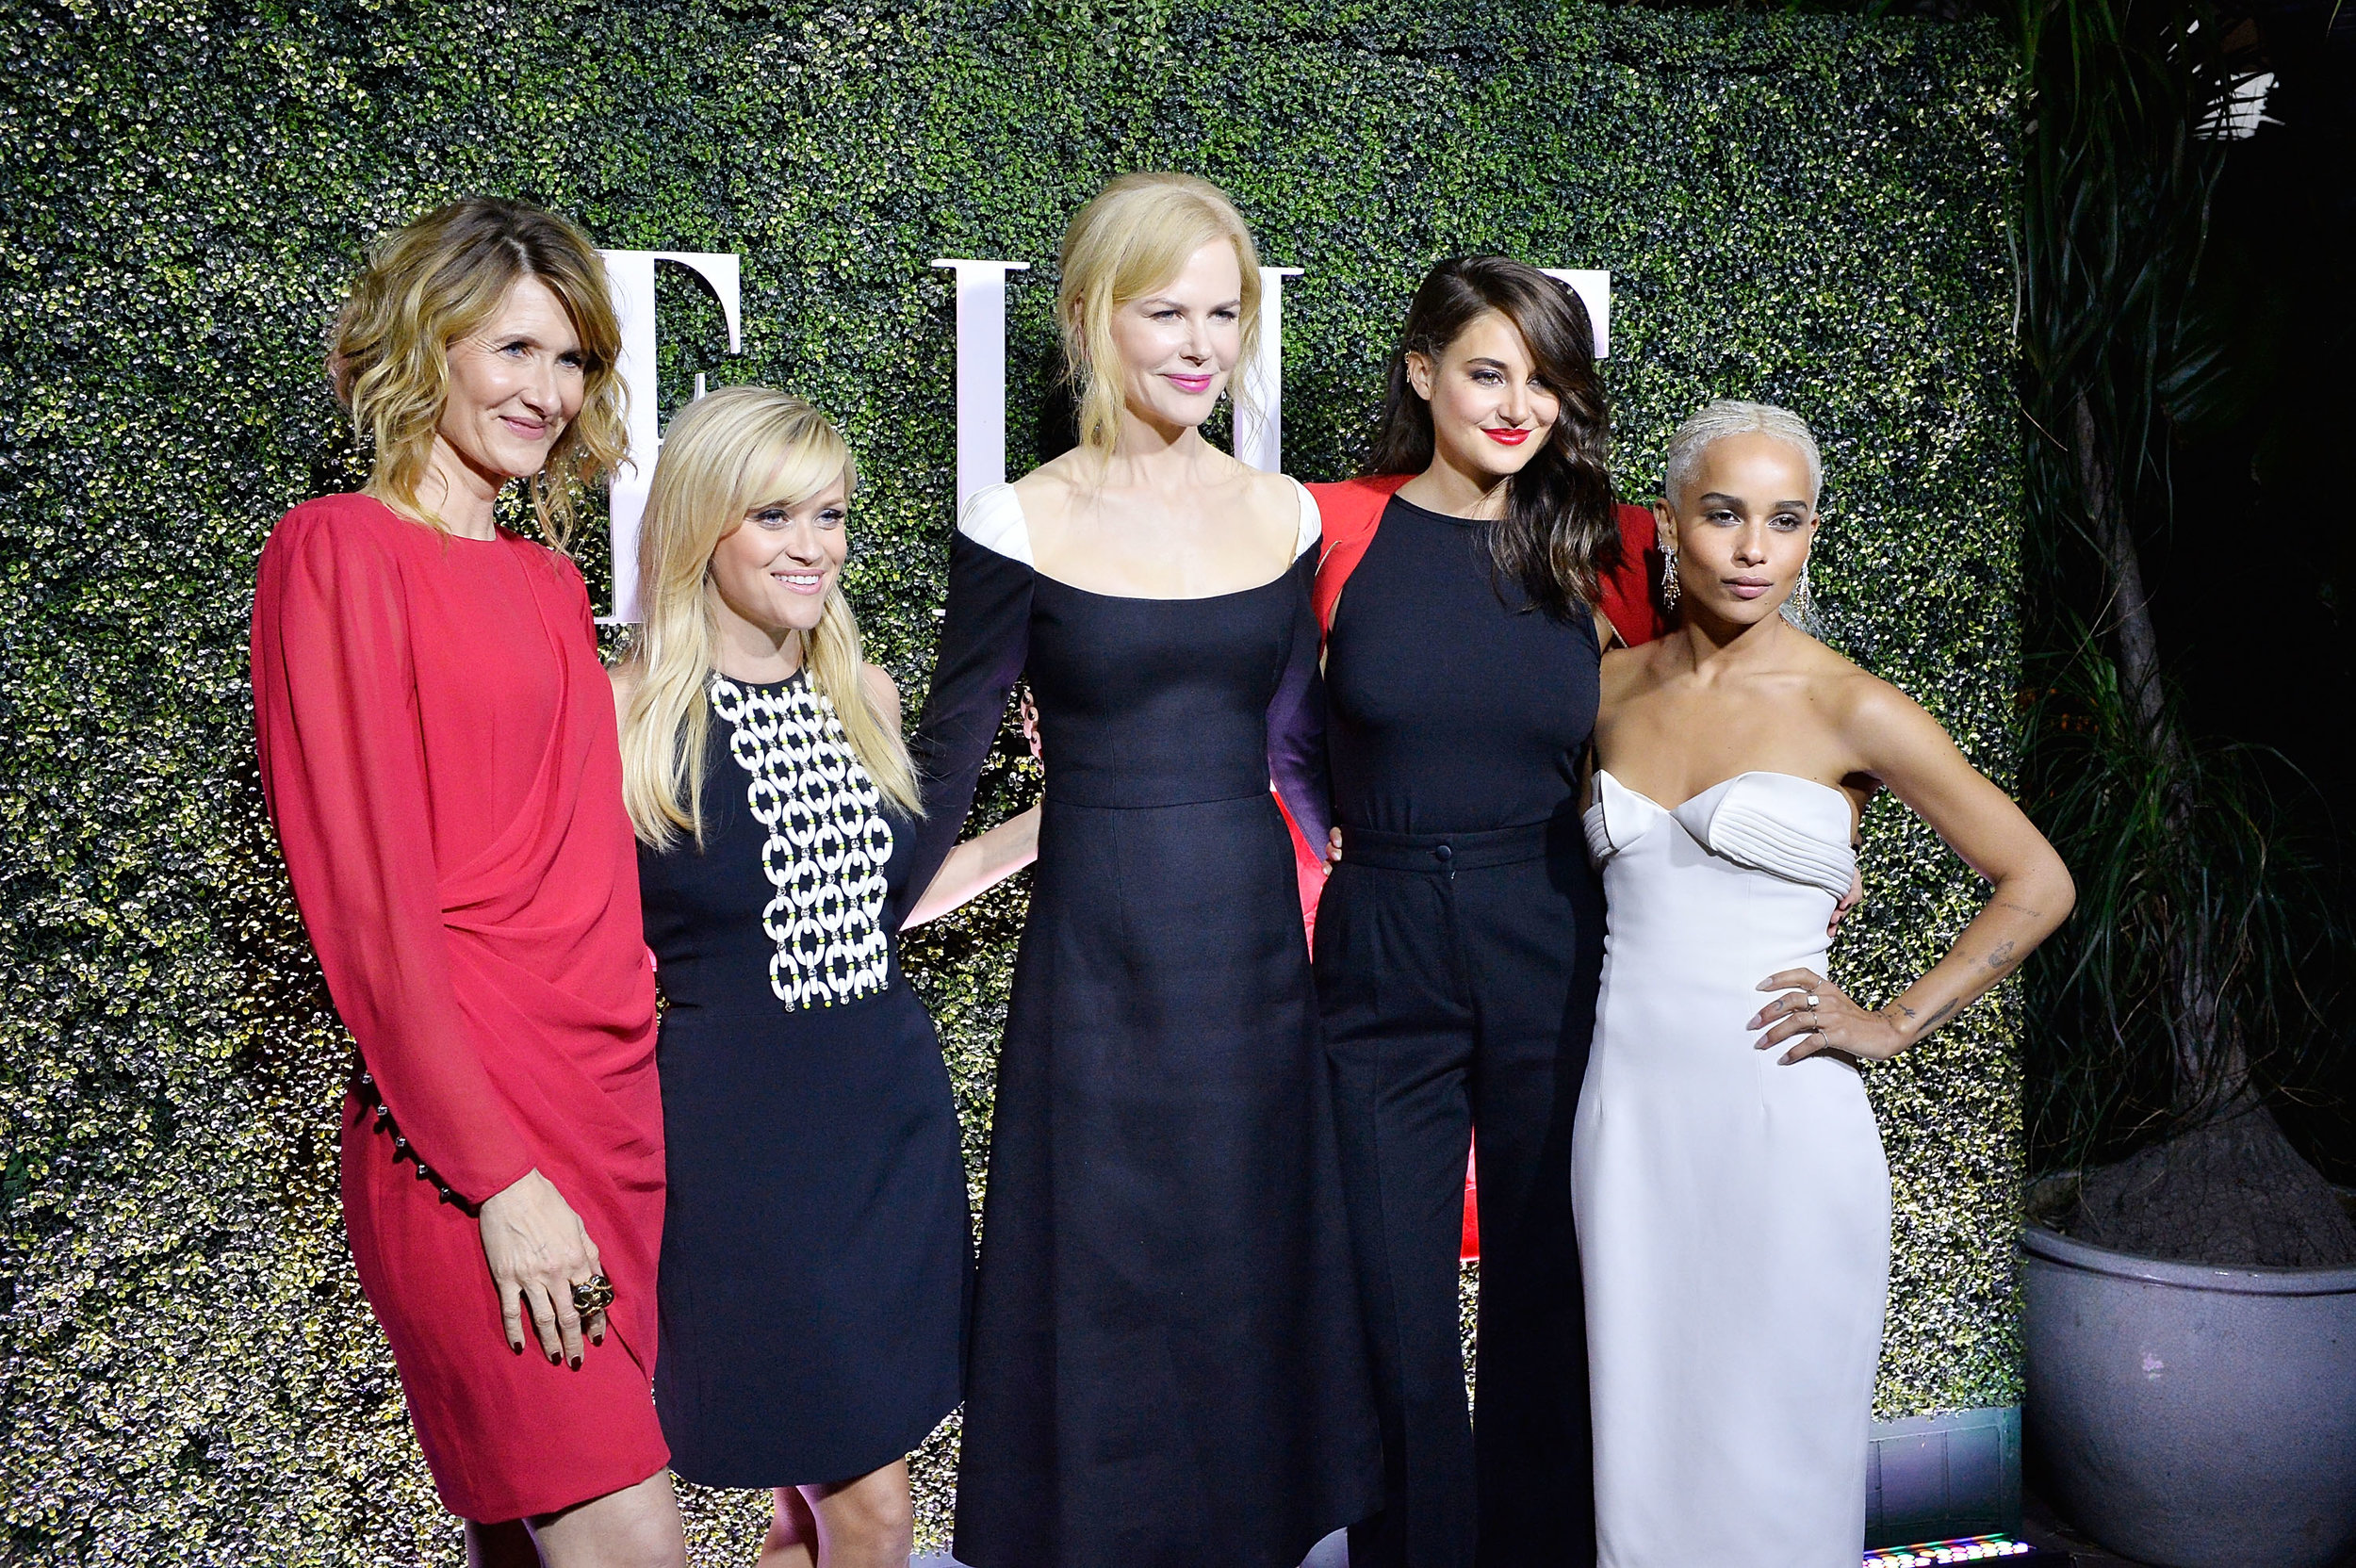 Laura Dern, Reese Witherspoon, Nicole Kidman, Shailene Woodley and Zoe Kravitz attending ELLE's Women in TV celebration (2).jpg